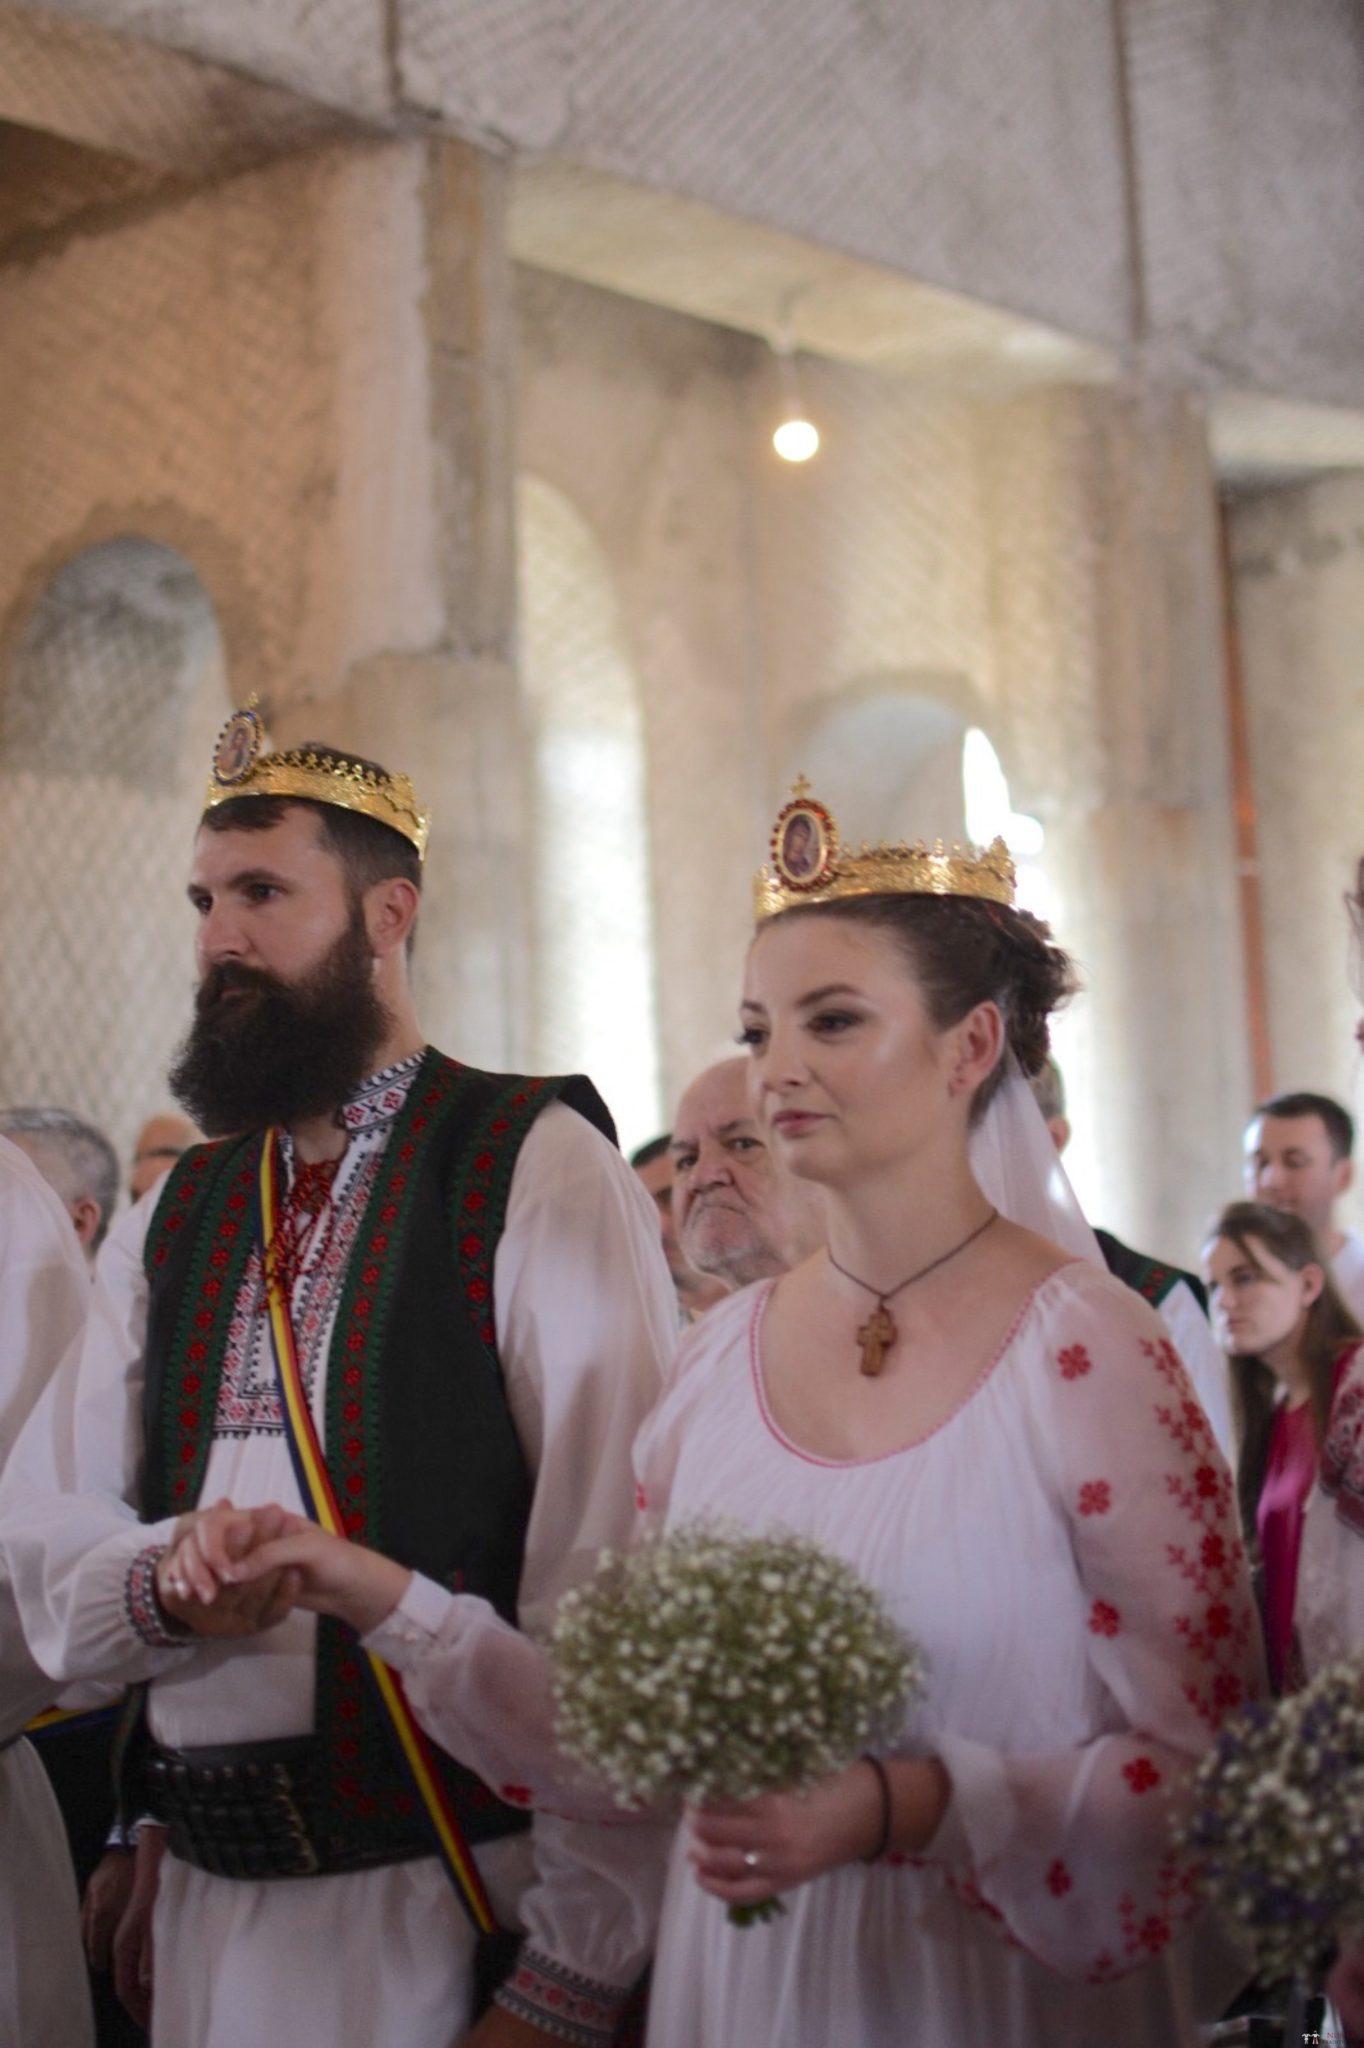 Povești Nunți Tradiționale - George Gabriel și Alexandra Buzatu, nuntă tradițională în Strejnicu, Prahova 8